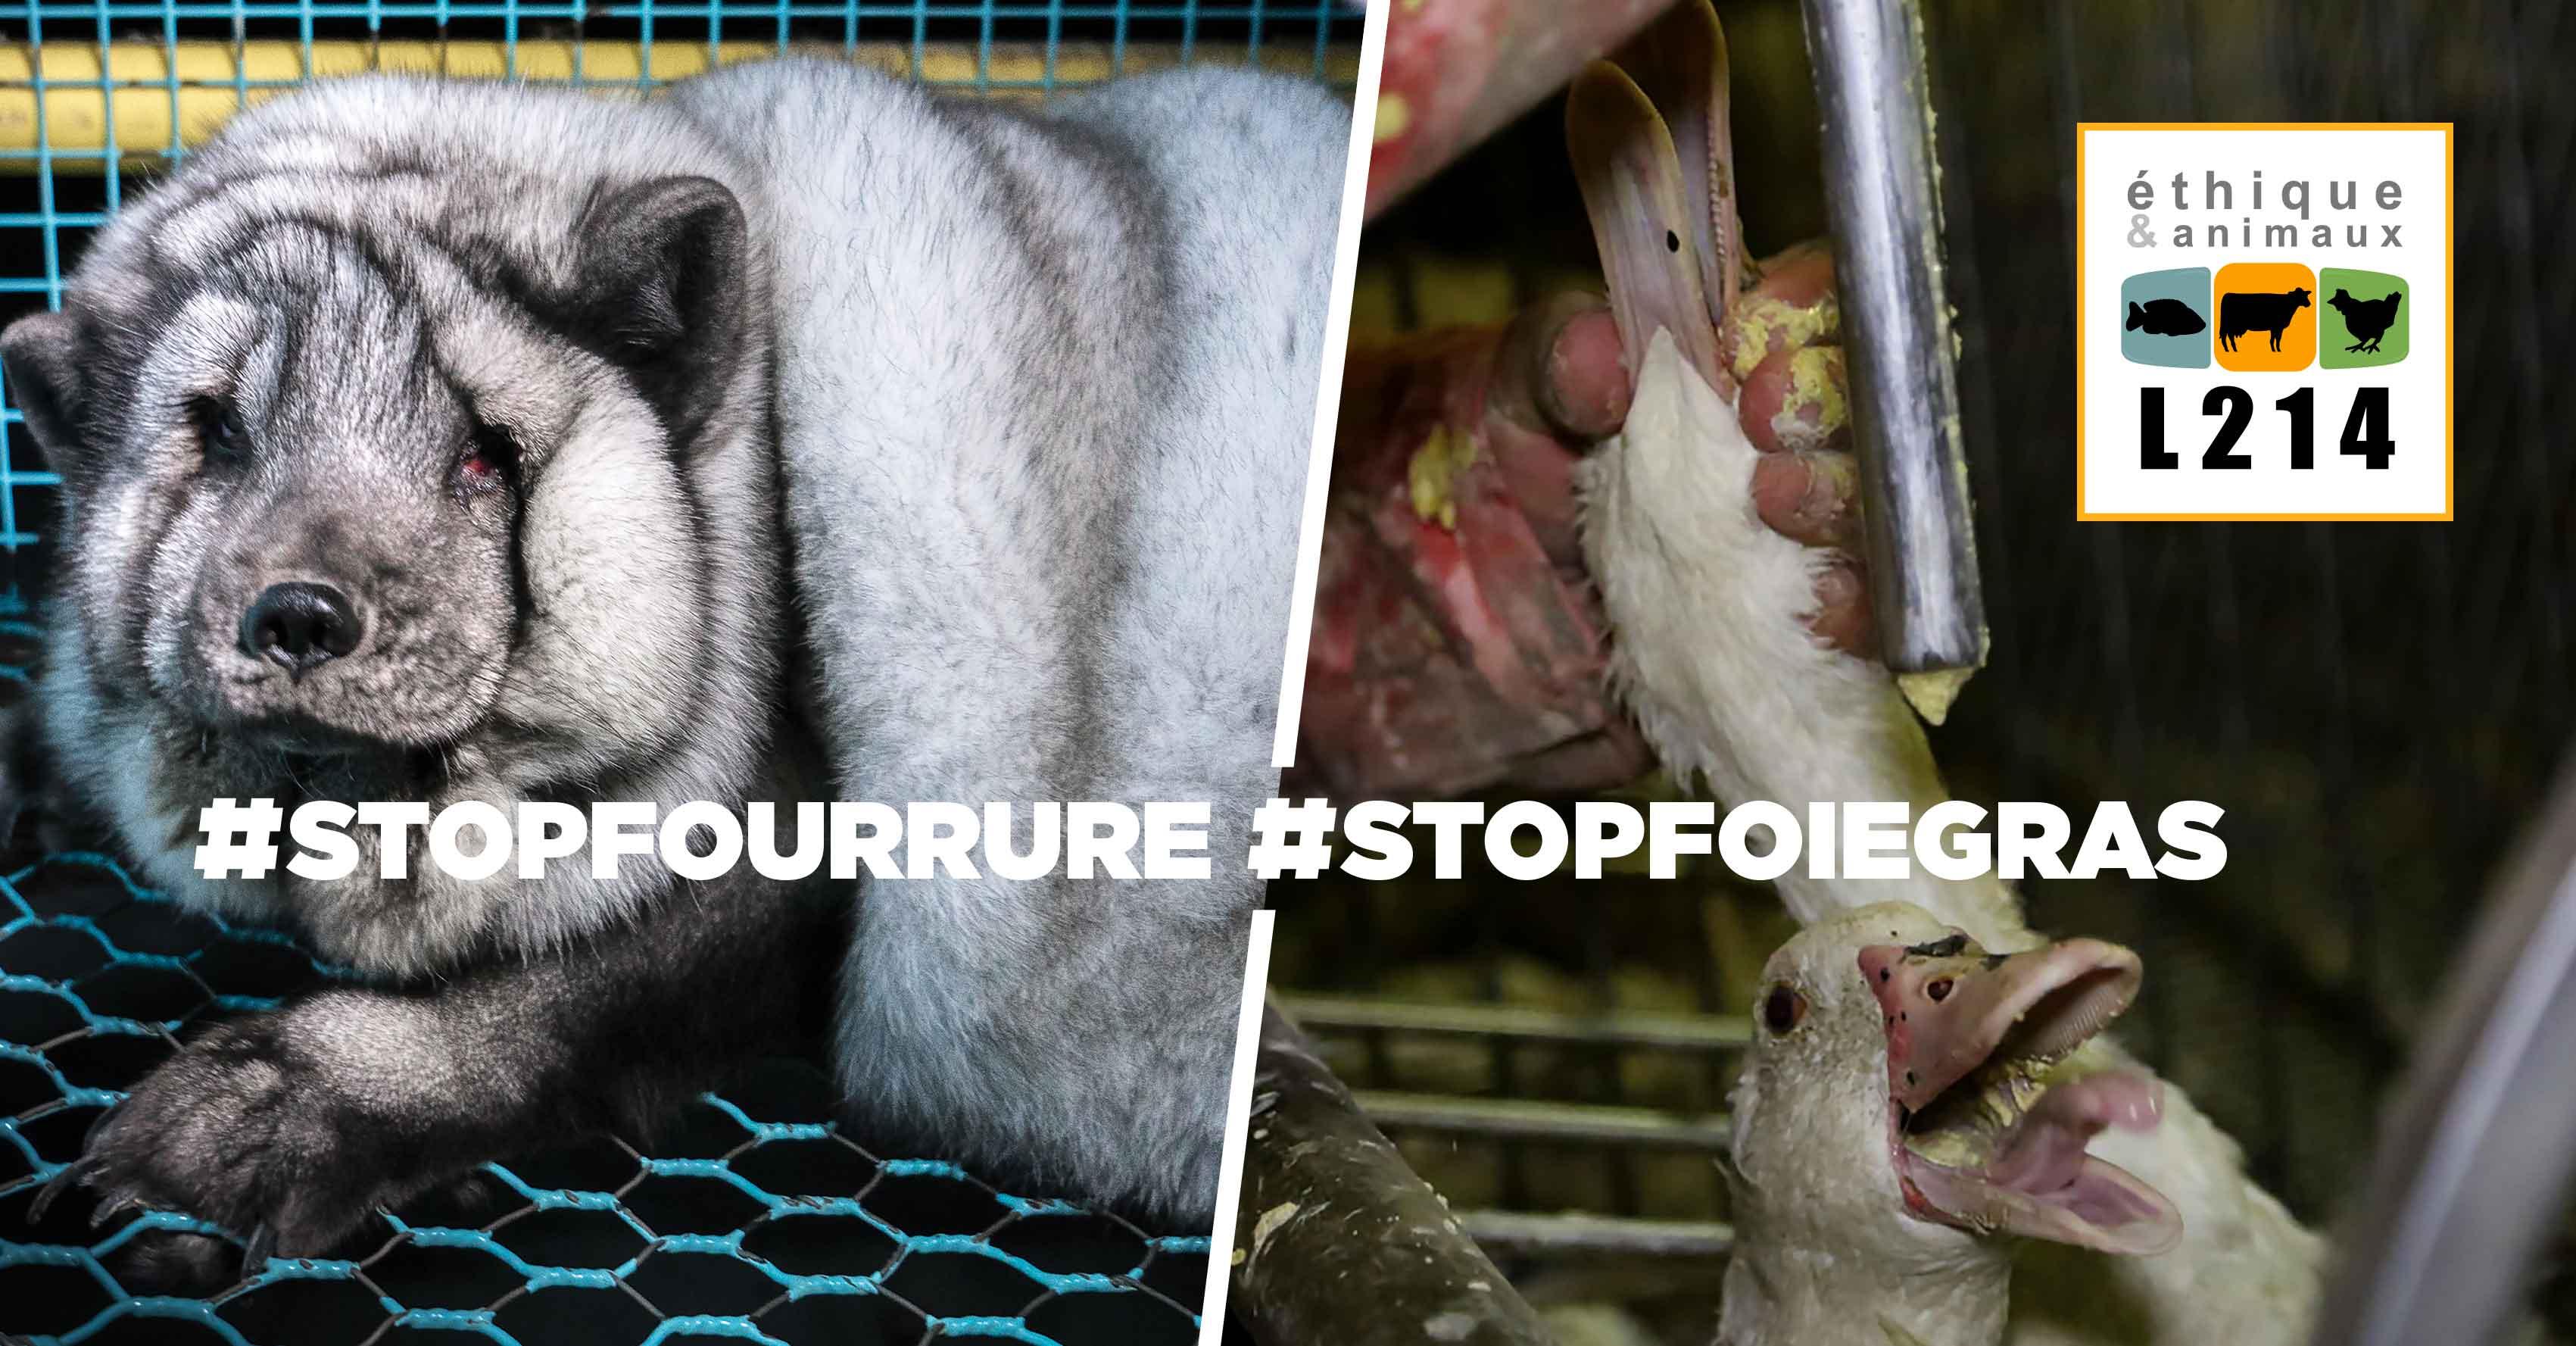 Fourrure, foie gras, même torture!